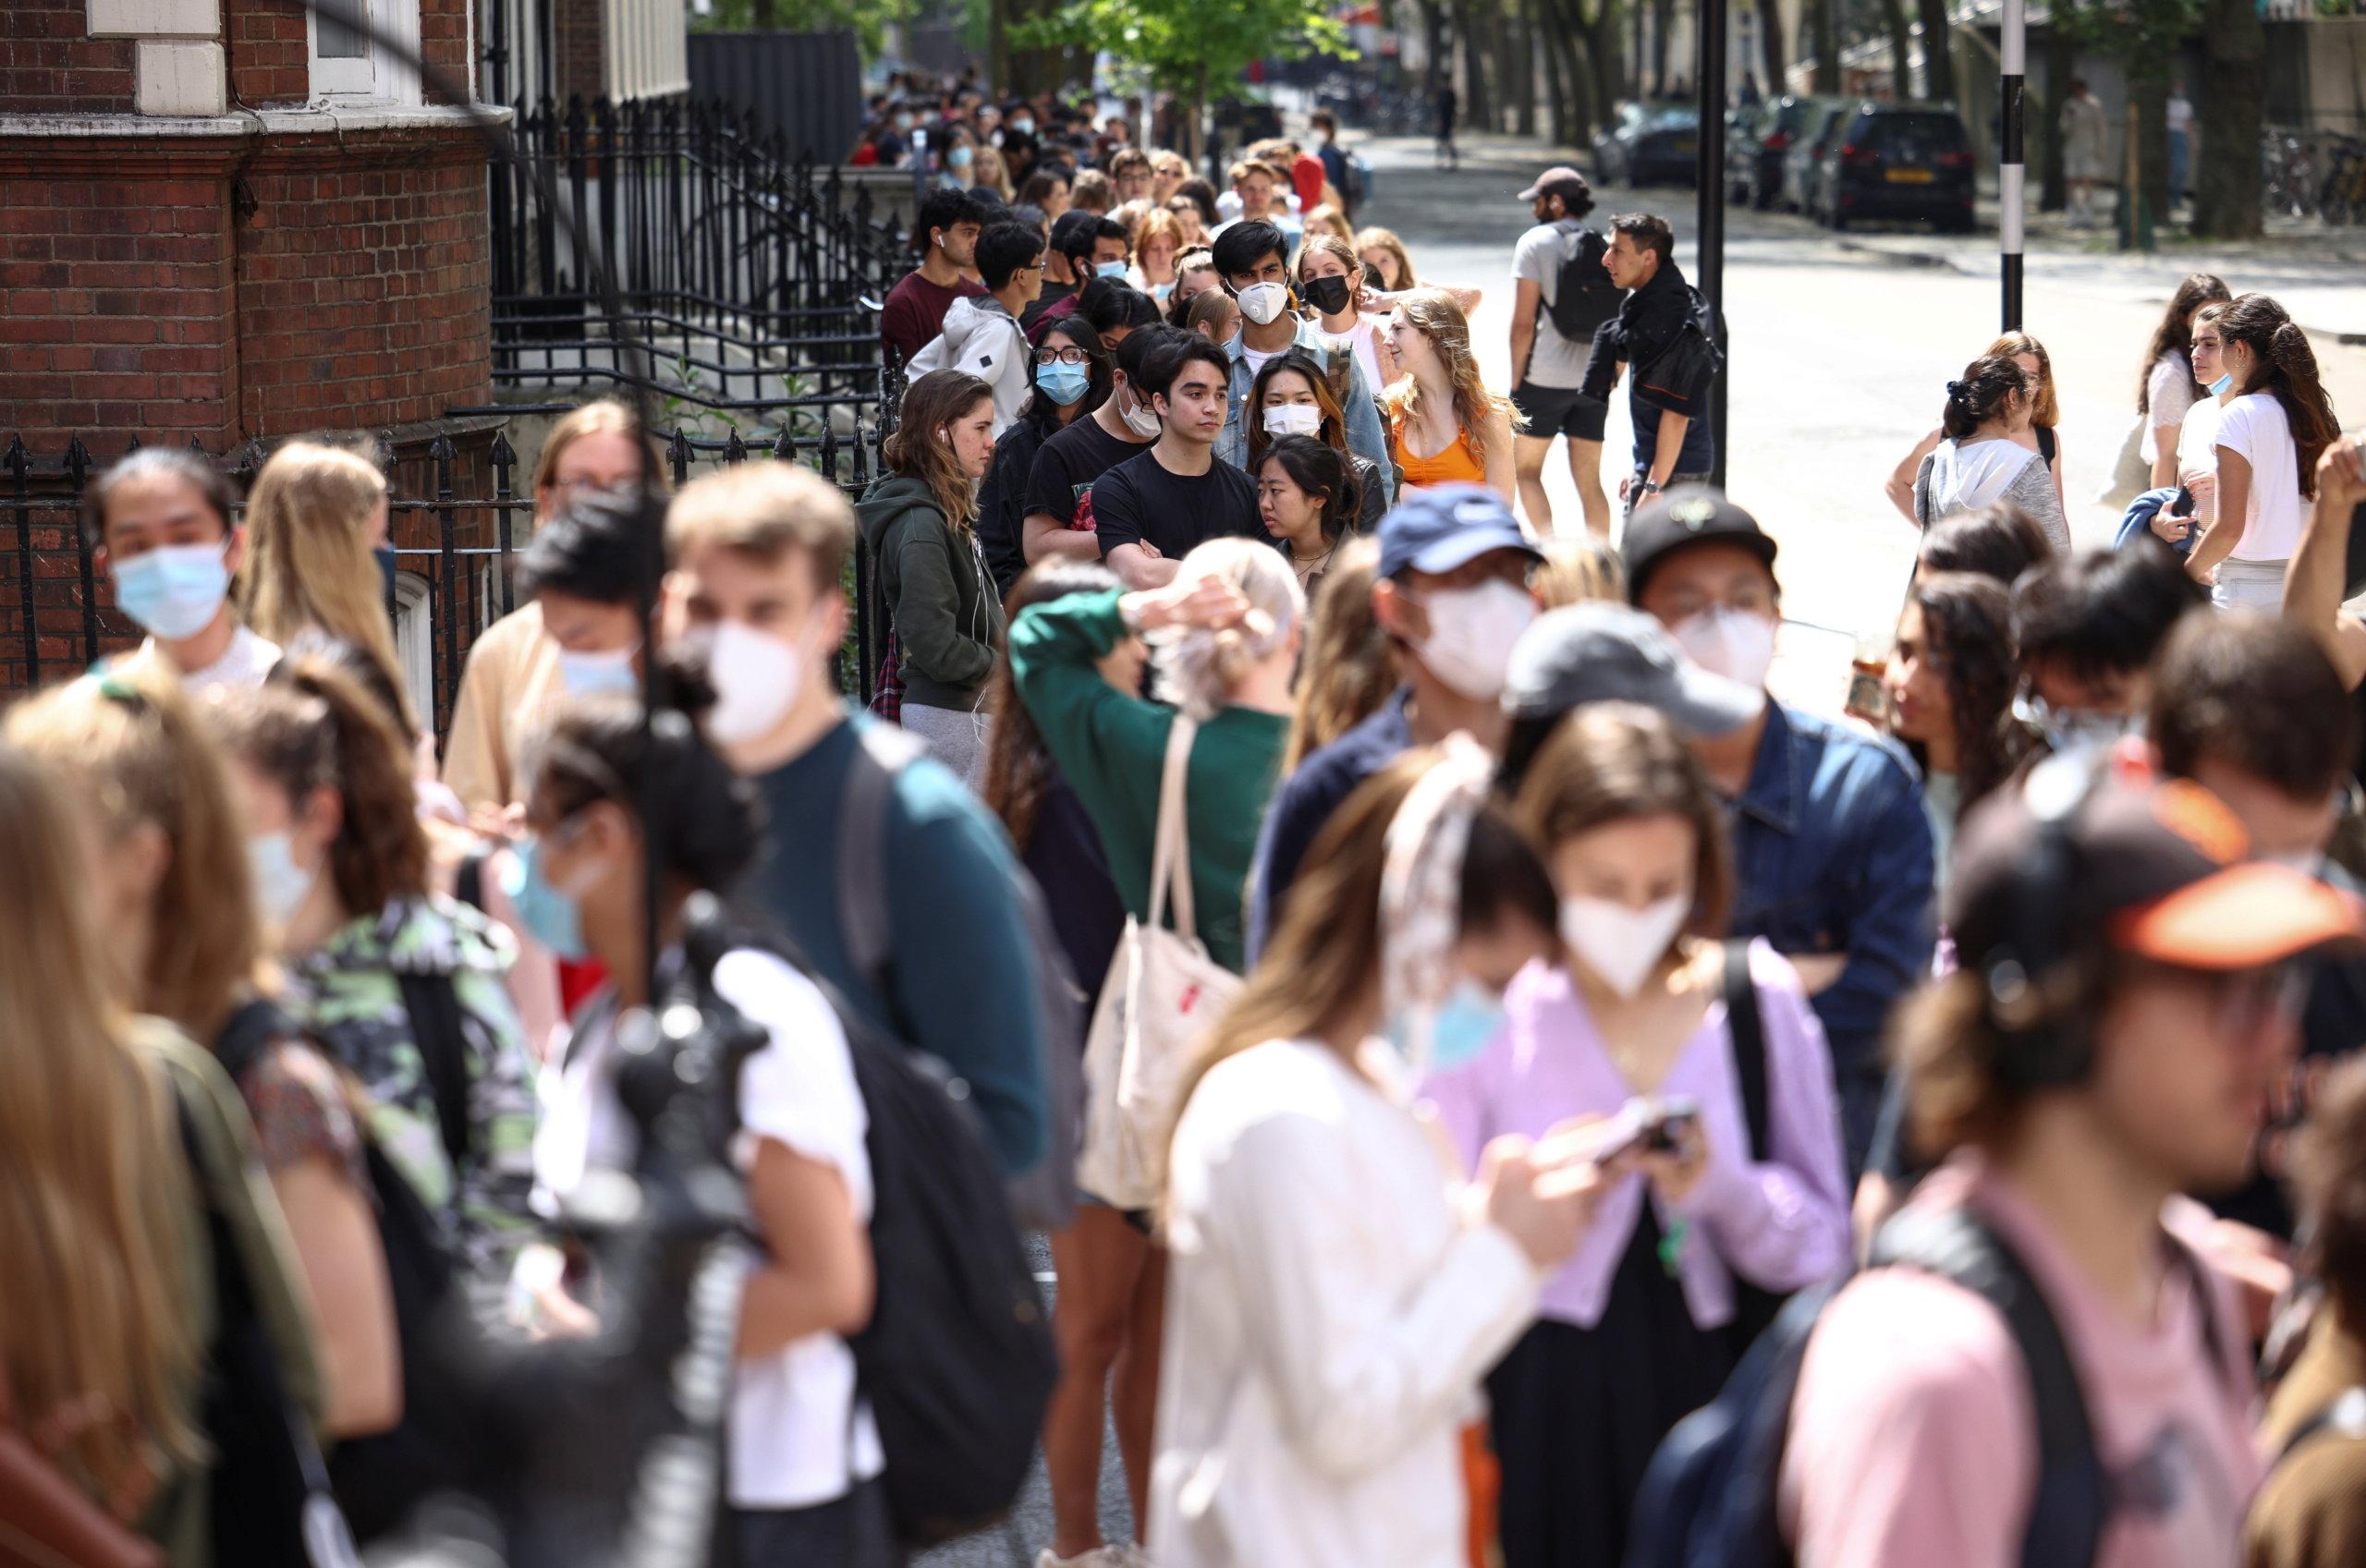 86% de los jóvenes cree que sus posibilidades de empleo y bienestar mental se han reducido con la pandemia, según estudio